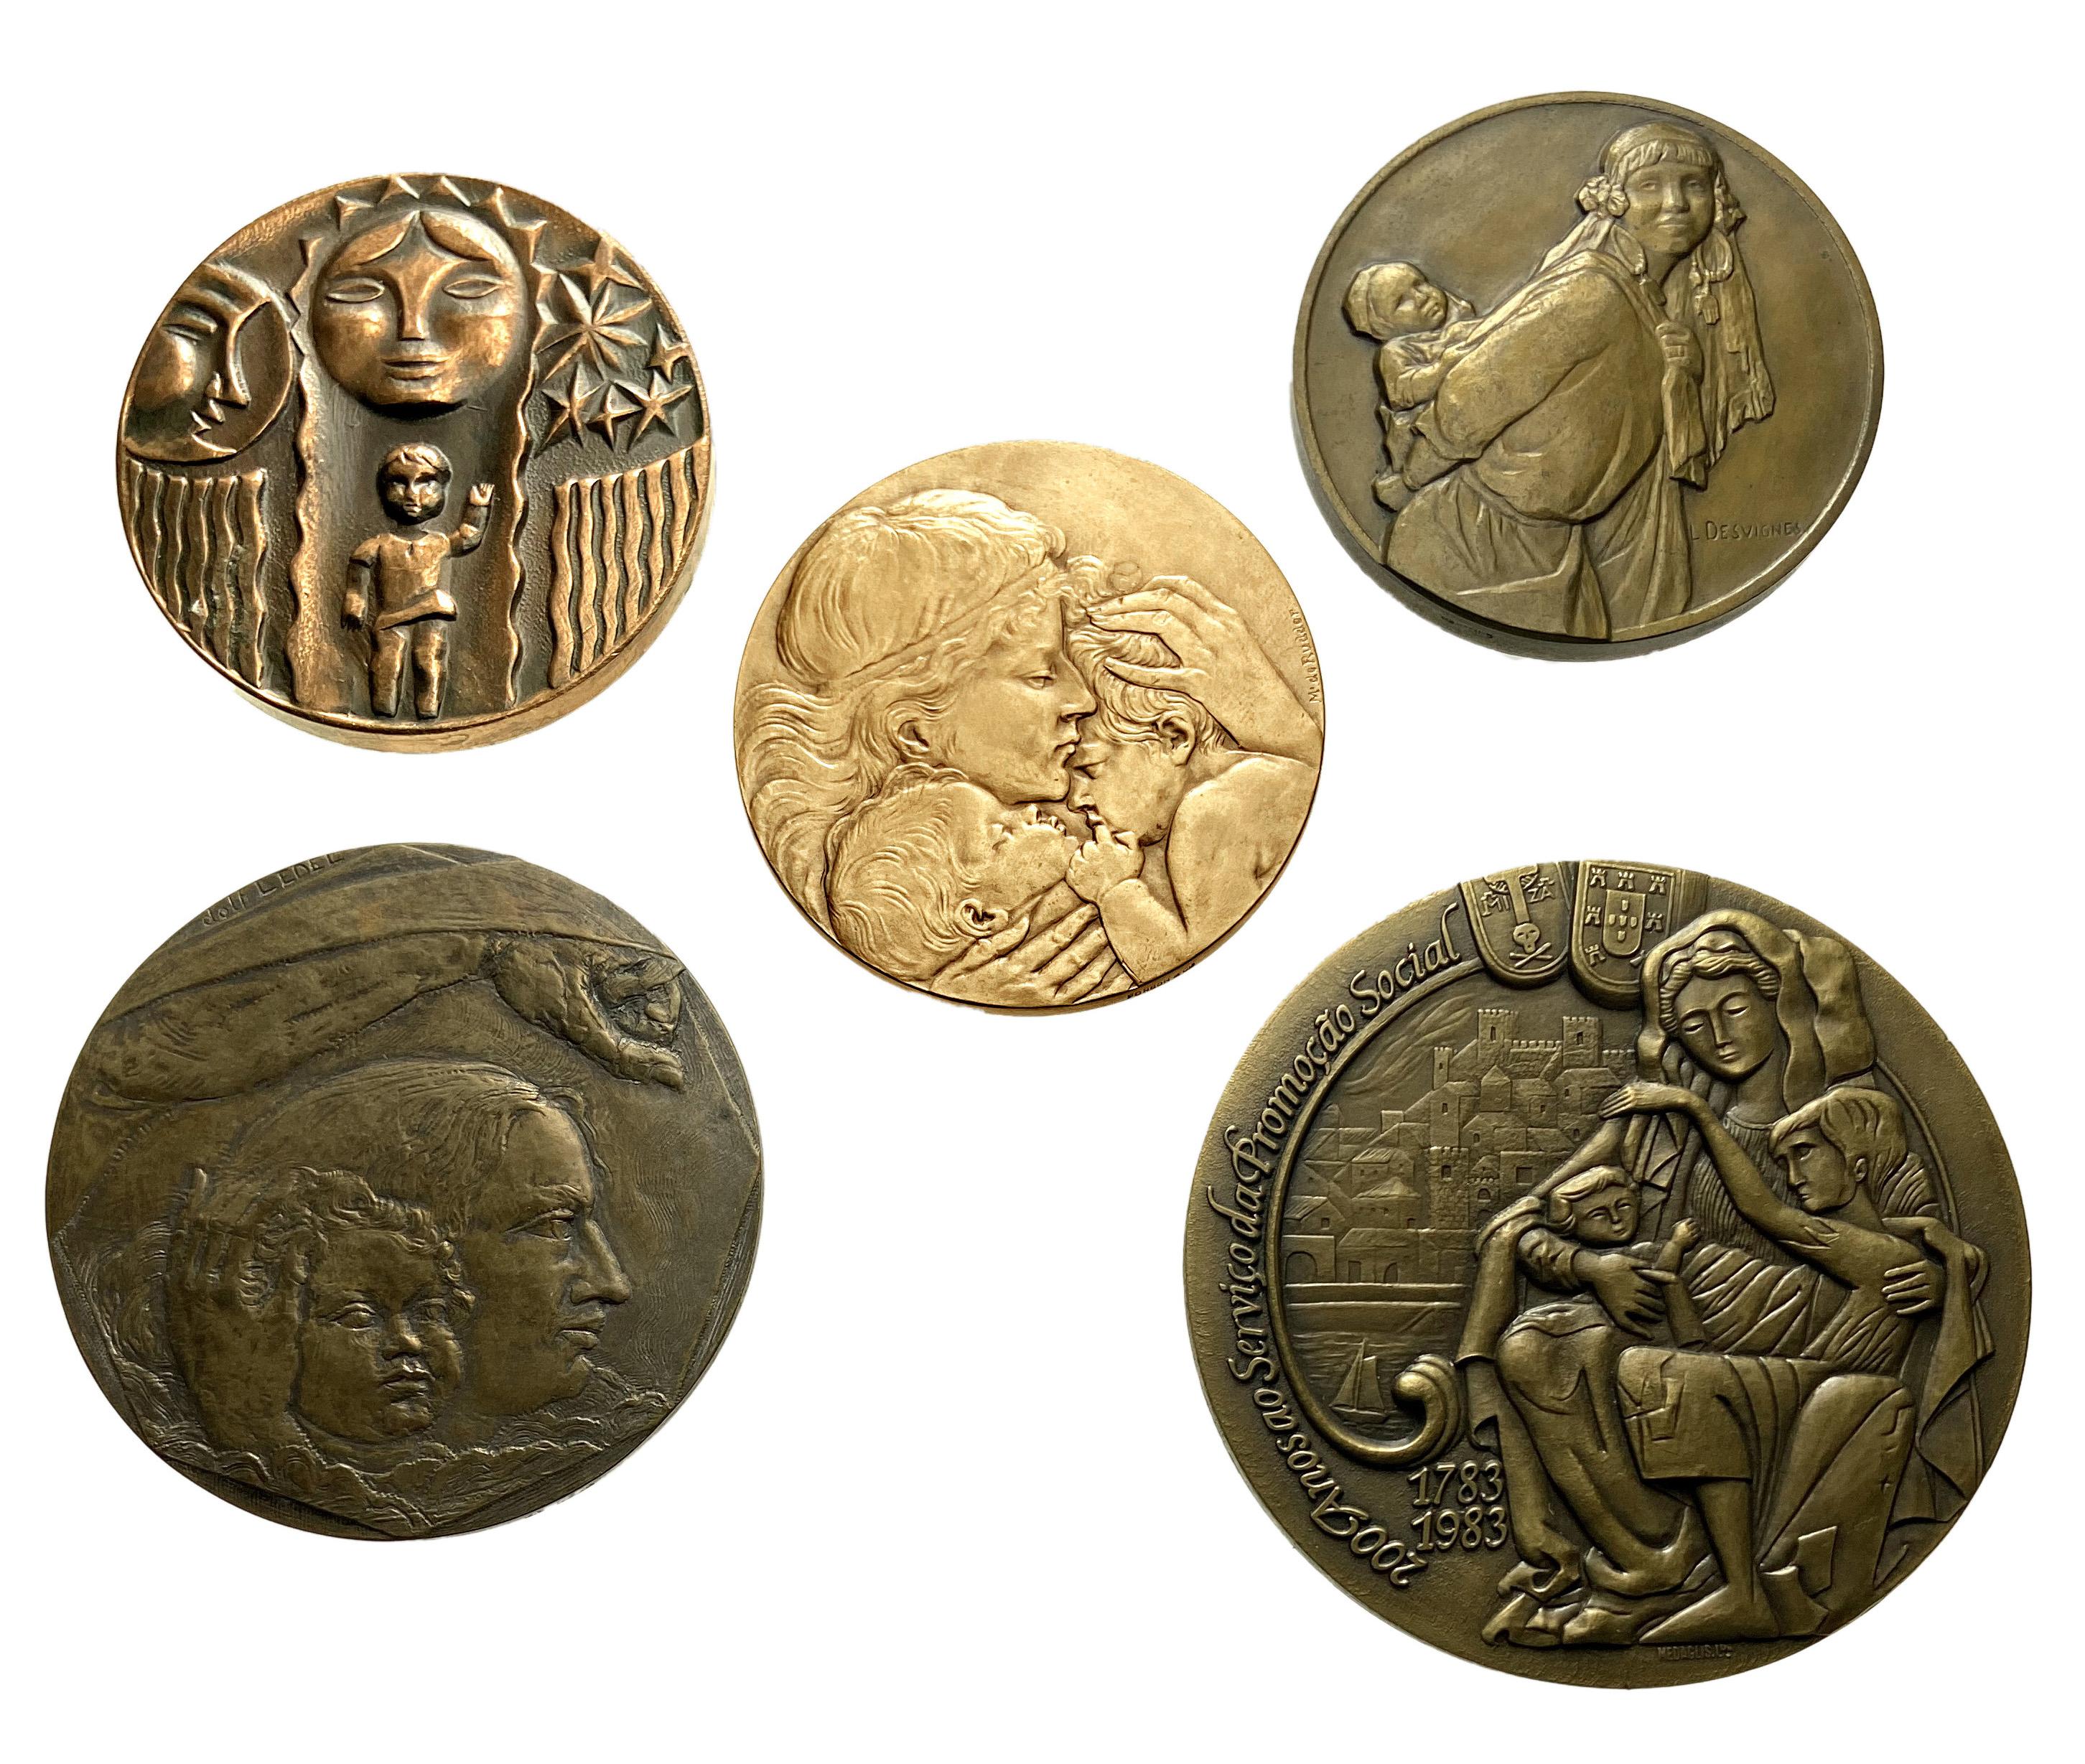 1976 Bicentennial Kennedy Half Dollar Clad Roll Lot of 20 Coins to AU EF